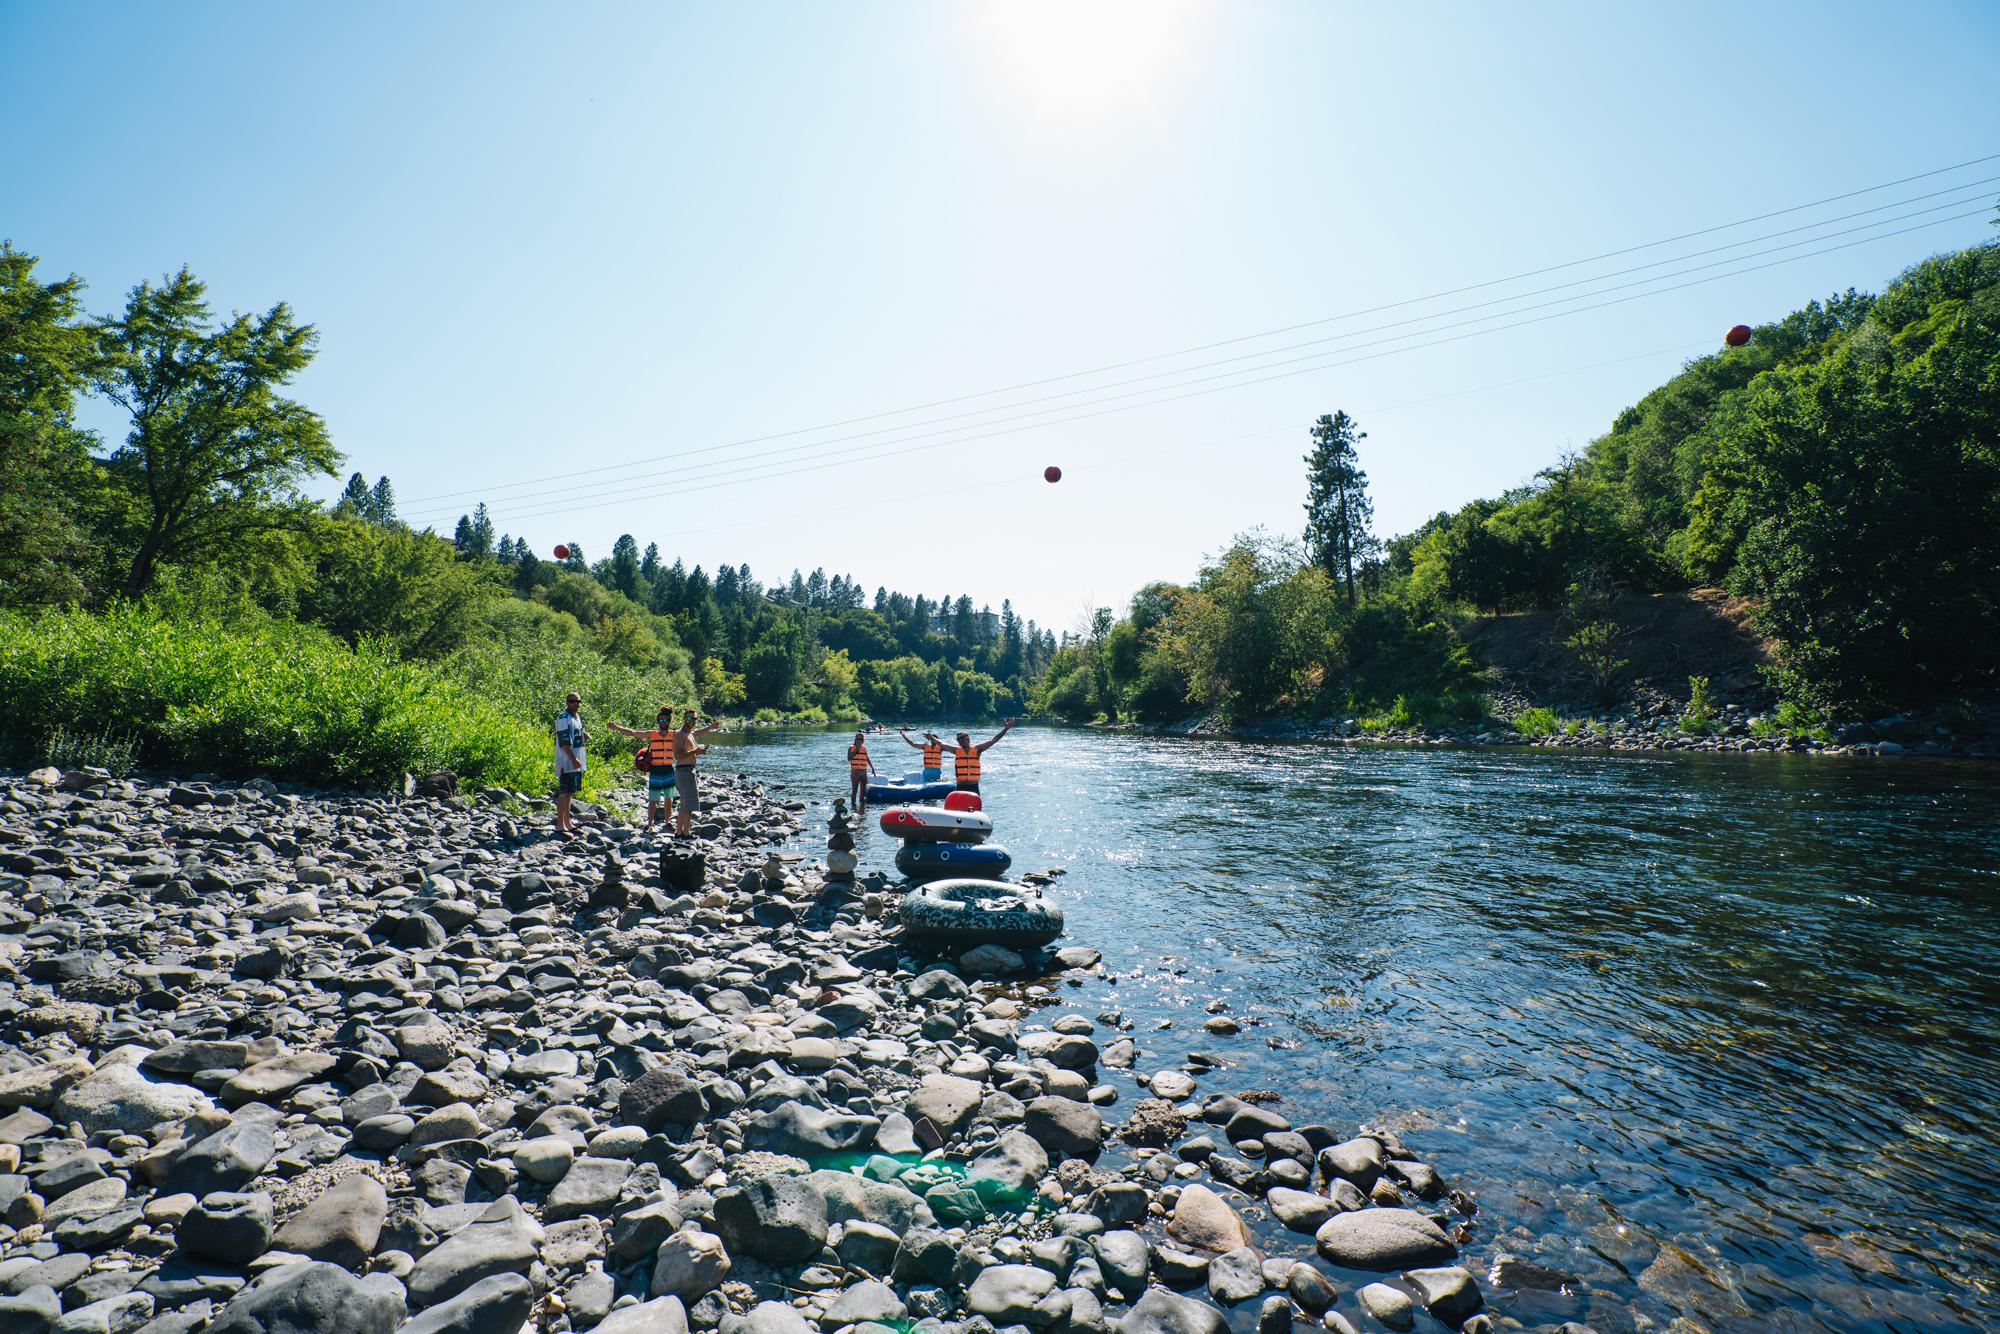 spokane-washington-river-recreation-downtown